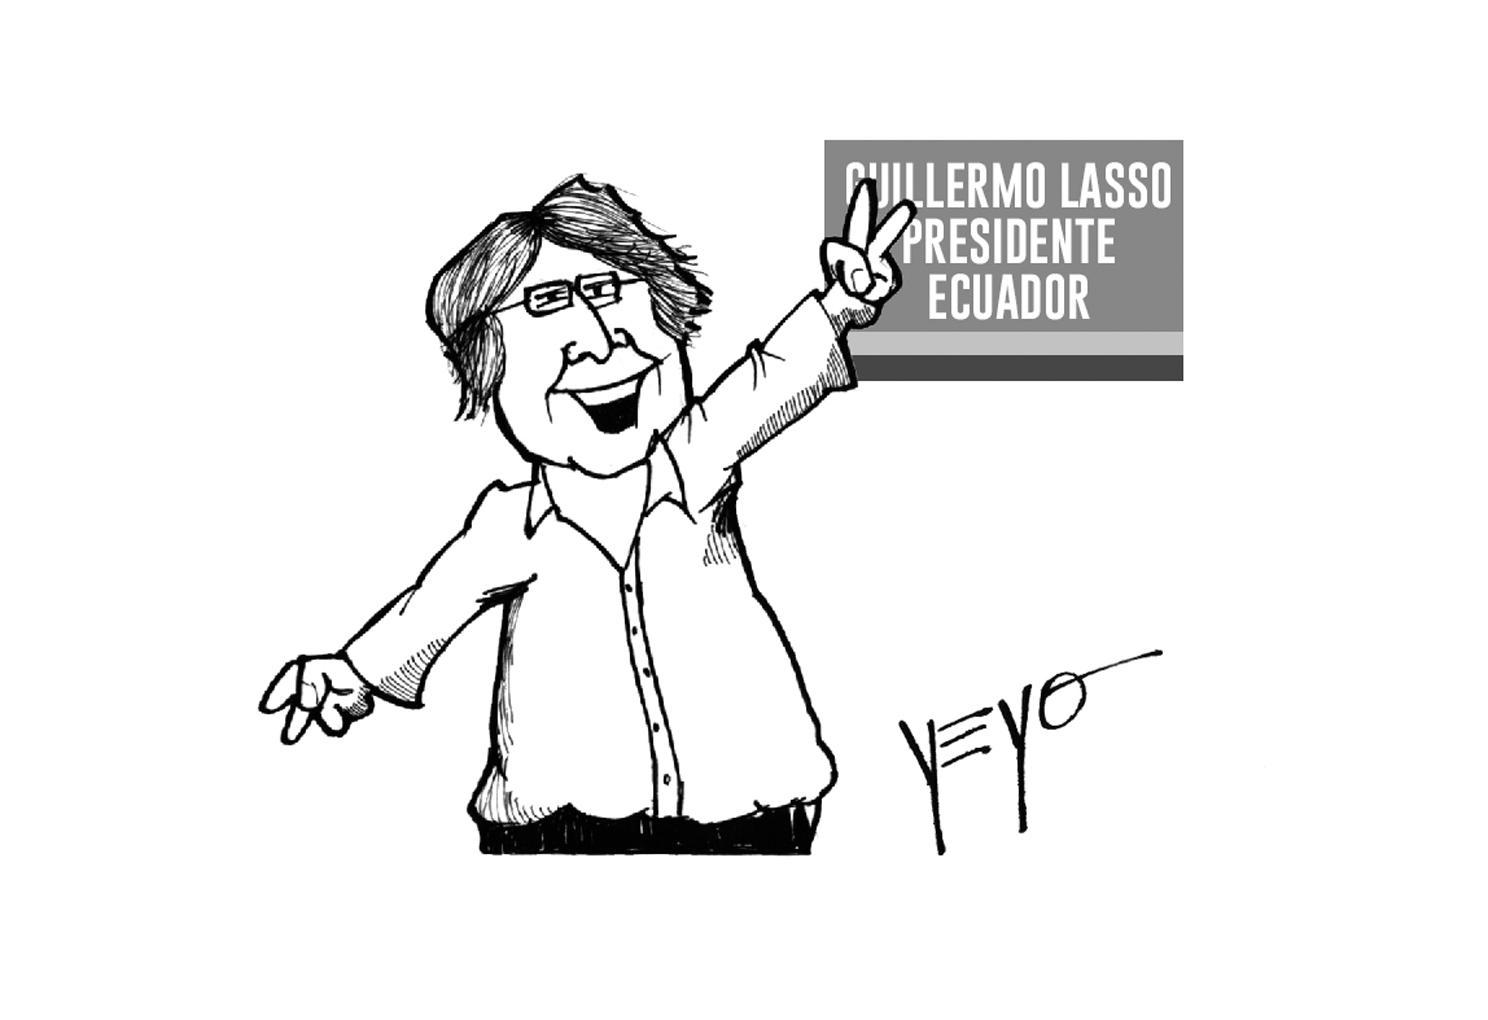 Mejor con 'Lasso' que con 'Correa'